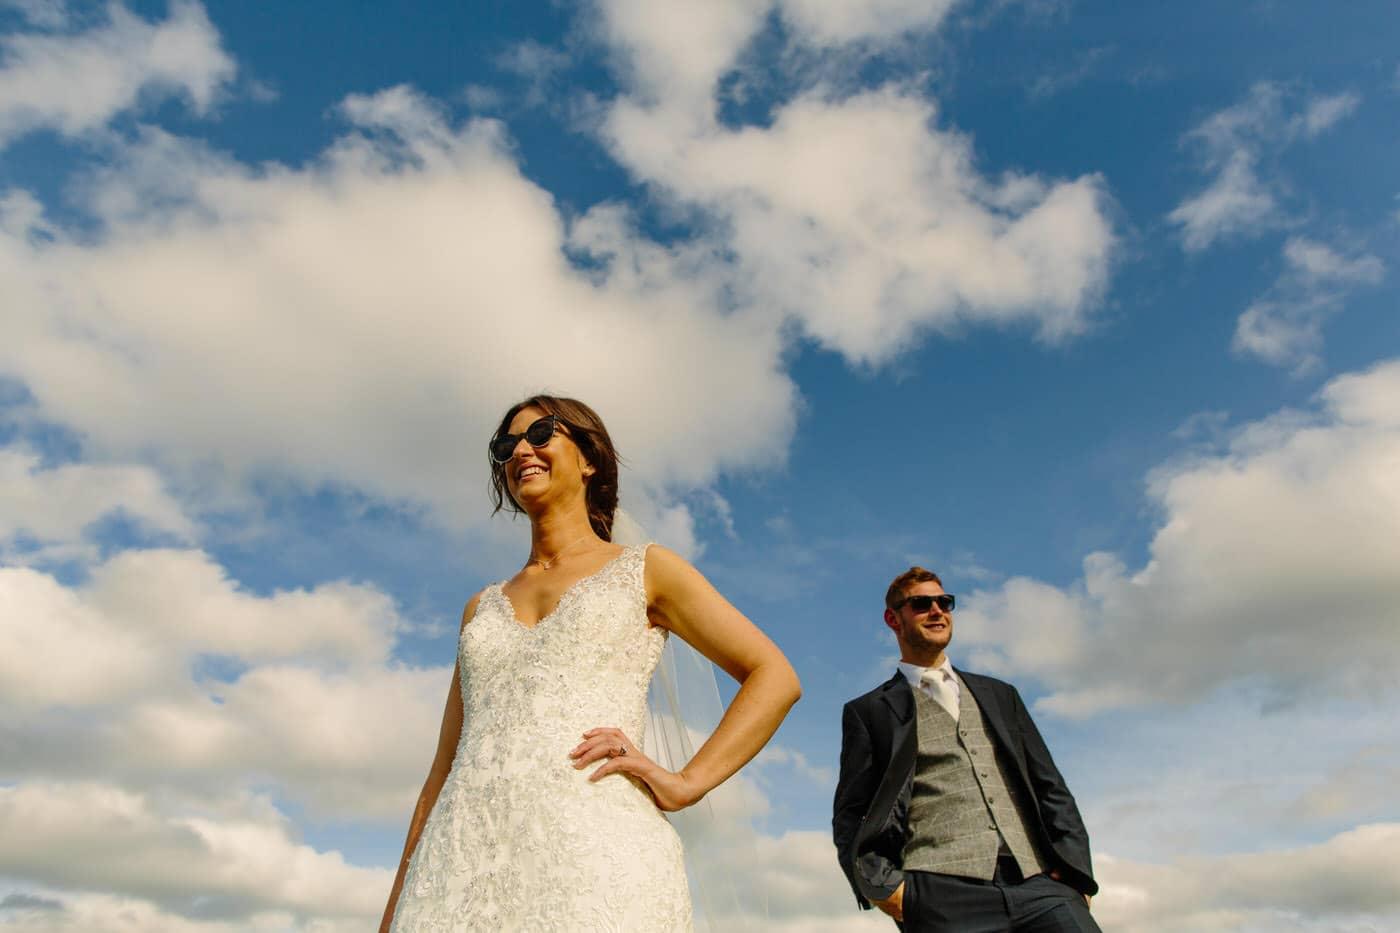 SG NORTH WALES WEDDING 1129